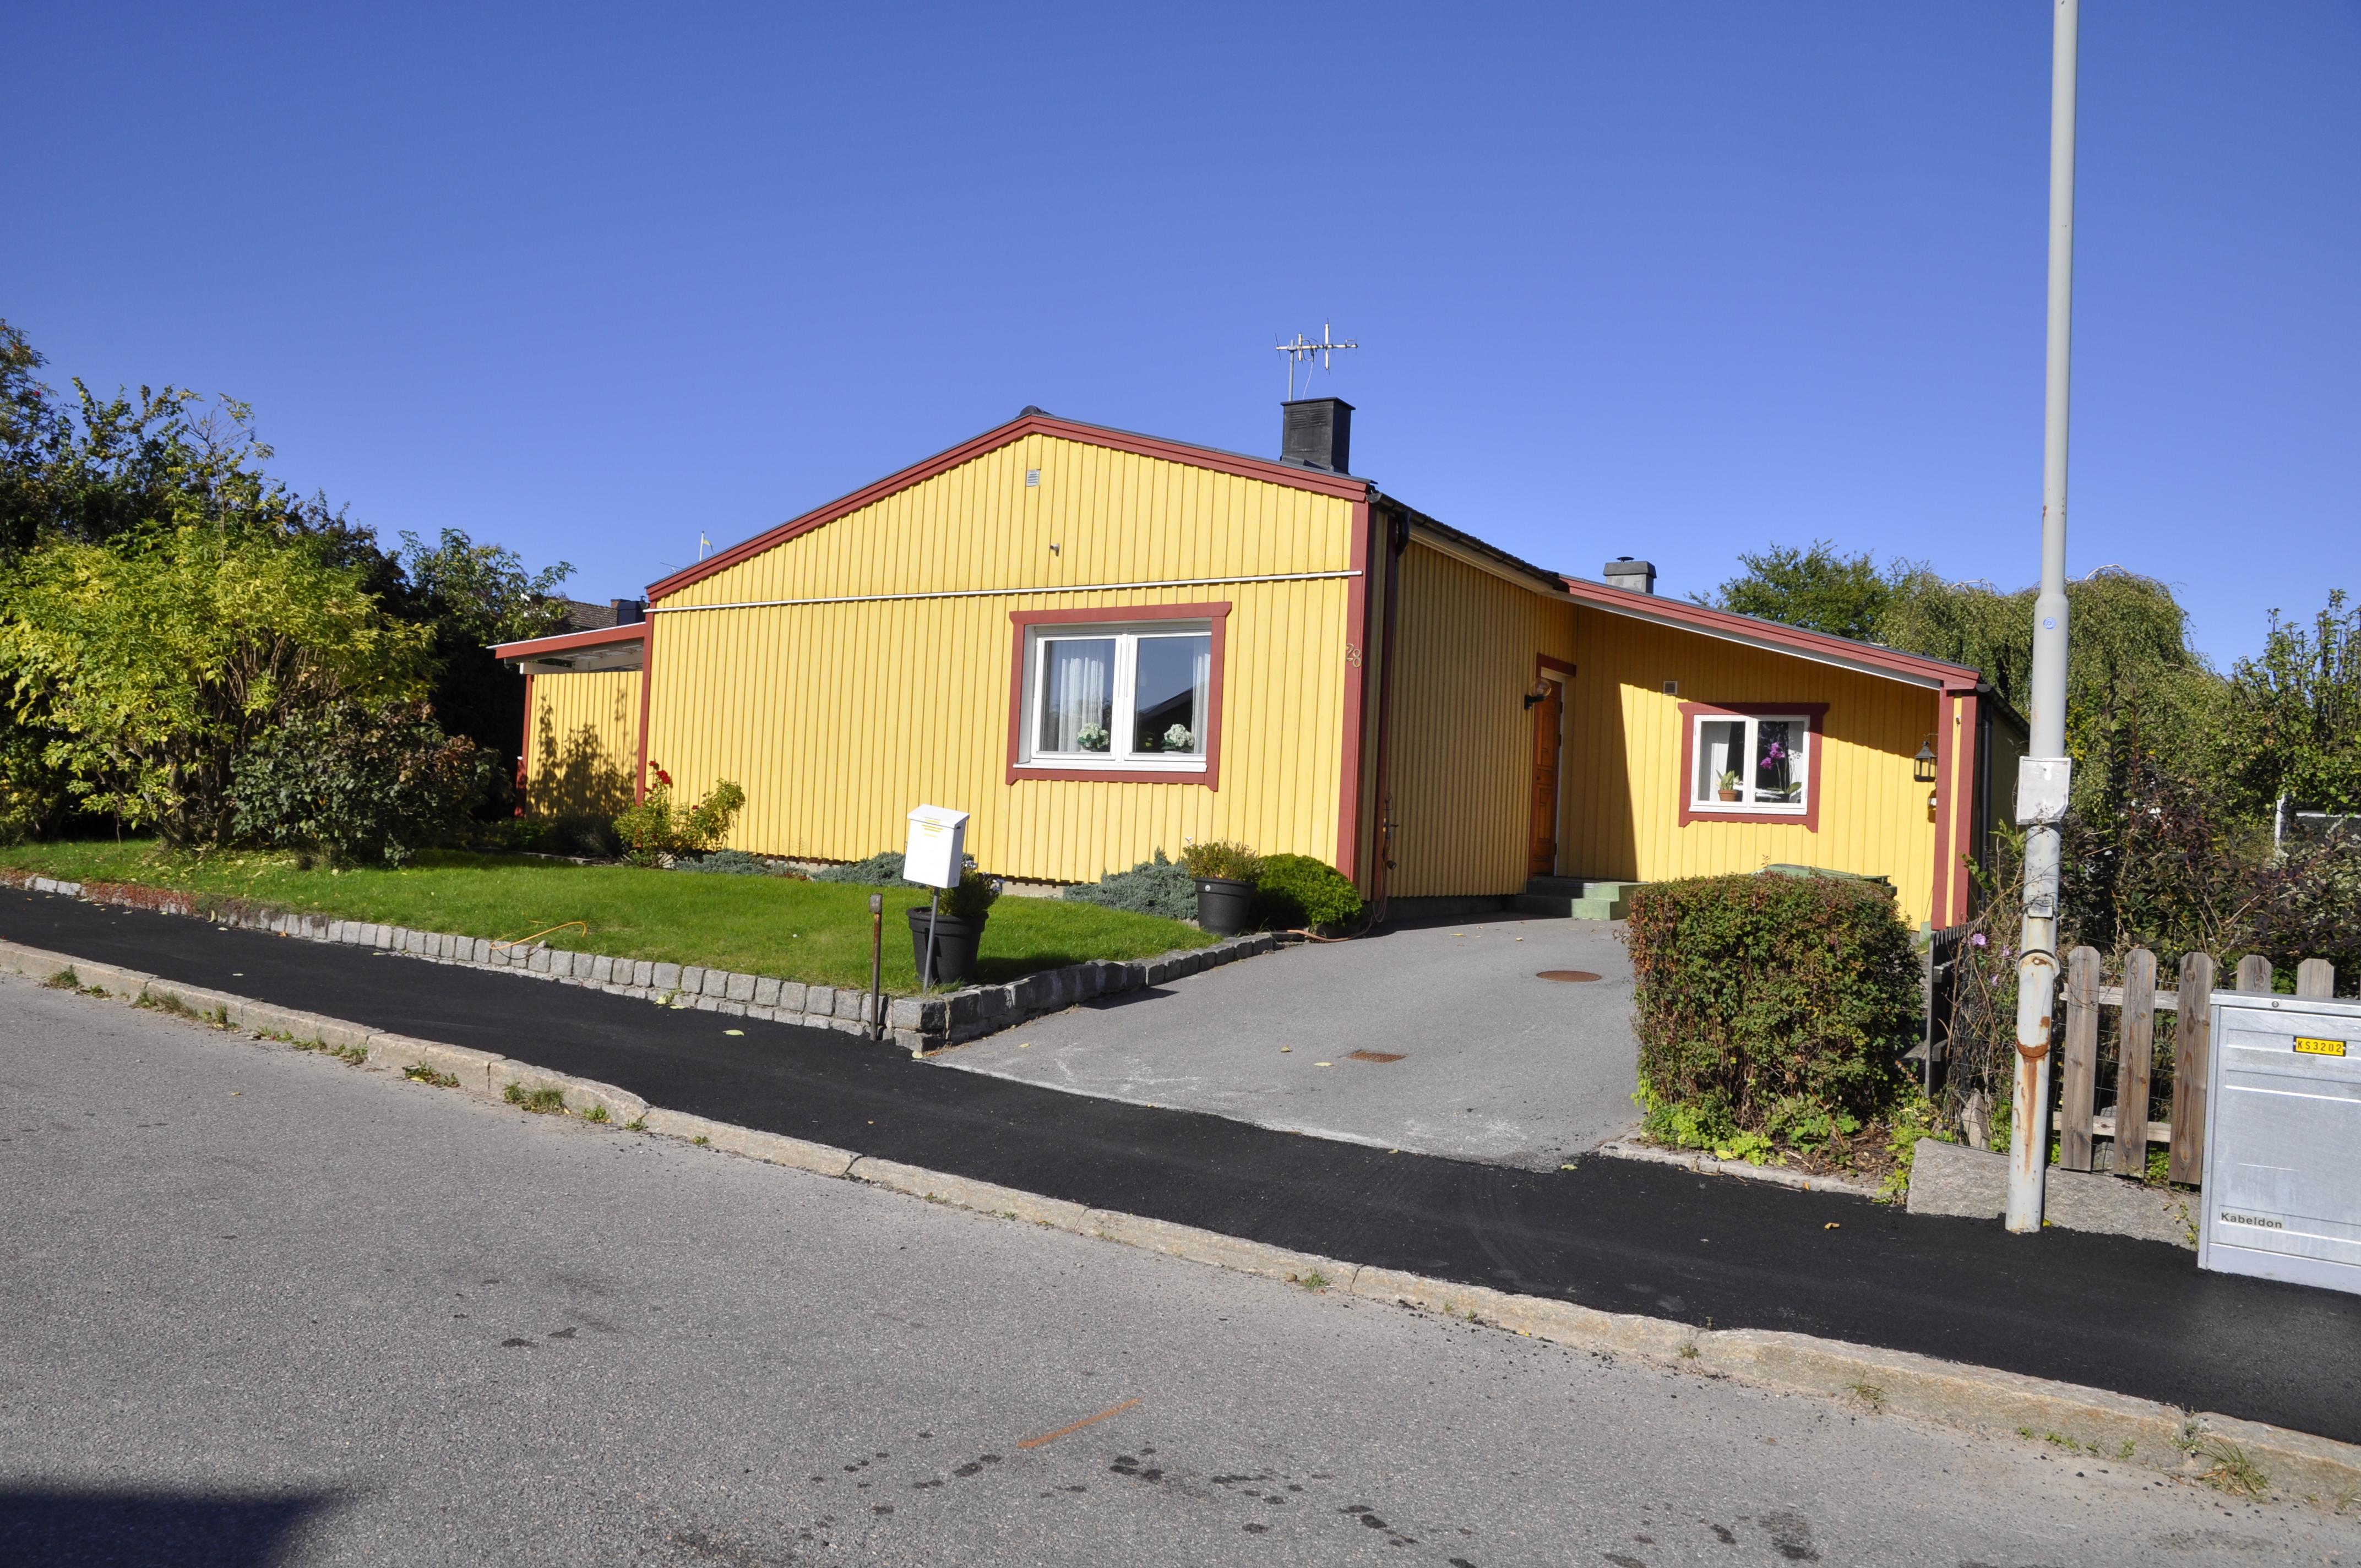 Boktryckargatan 28 | Norrköping